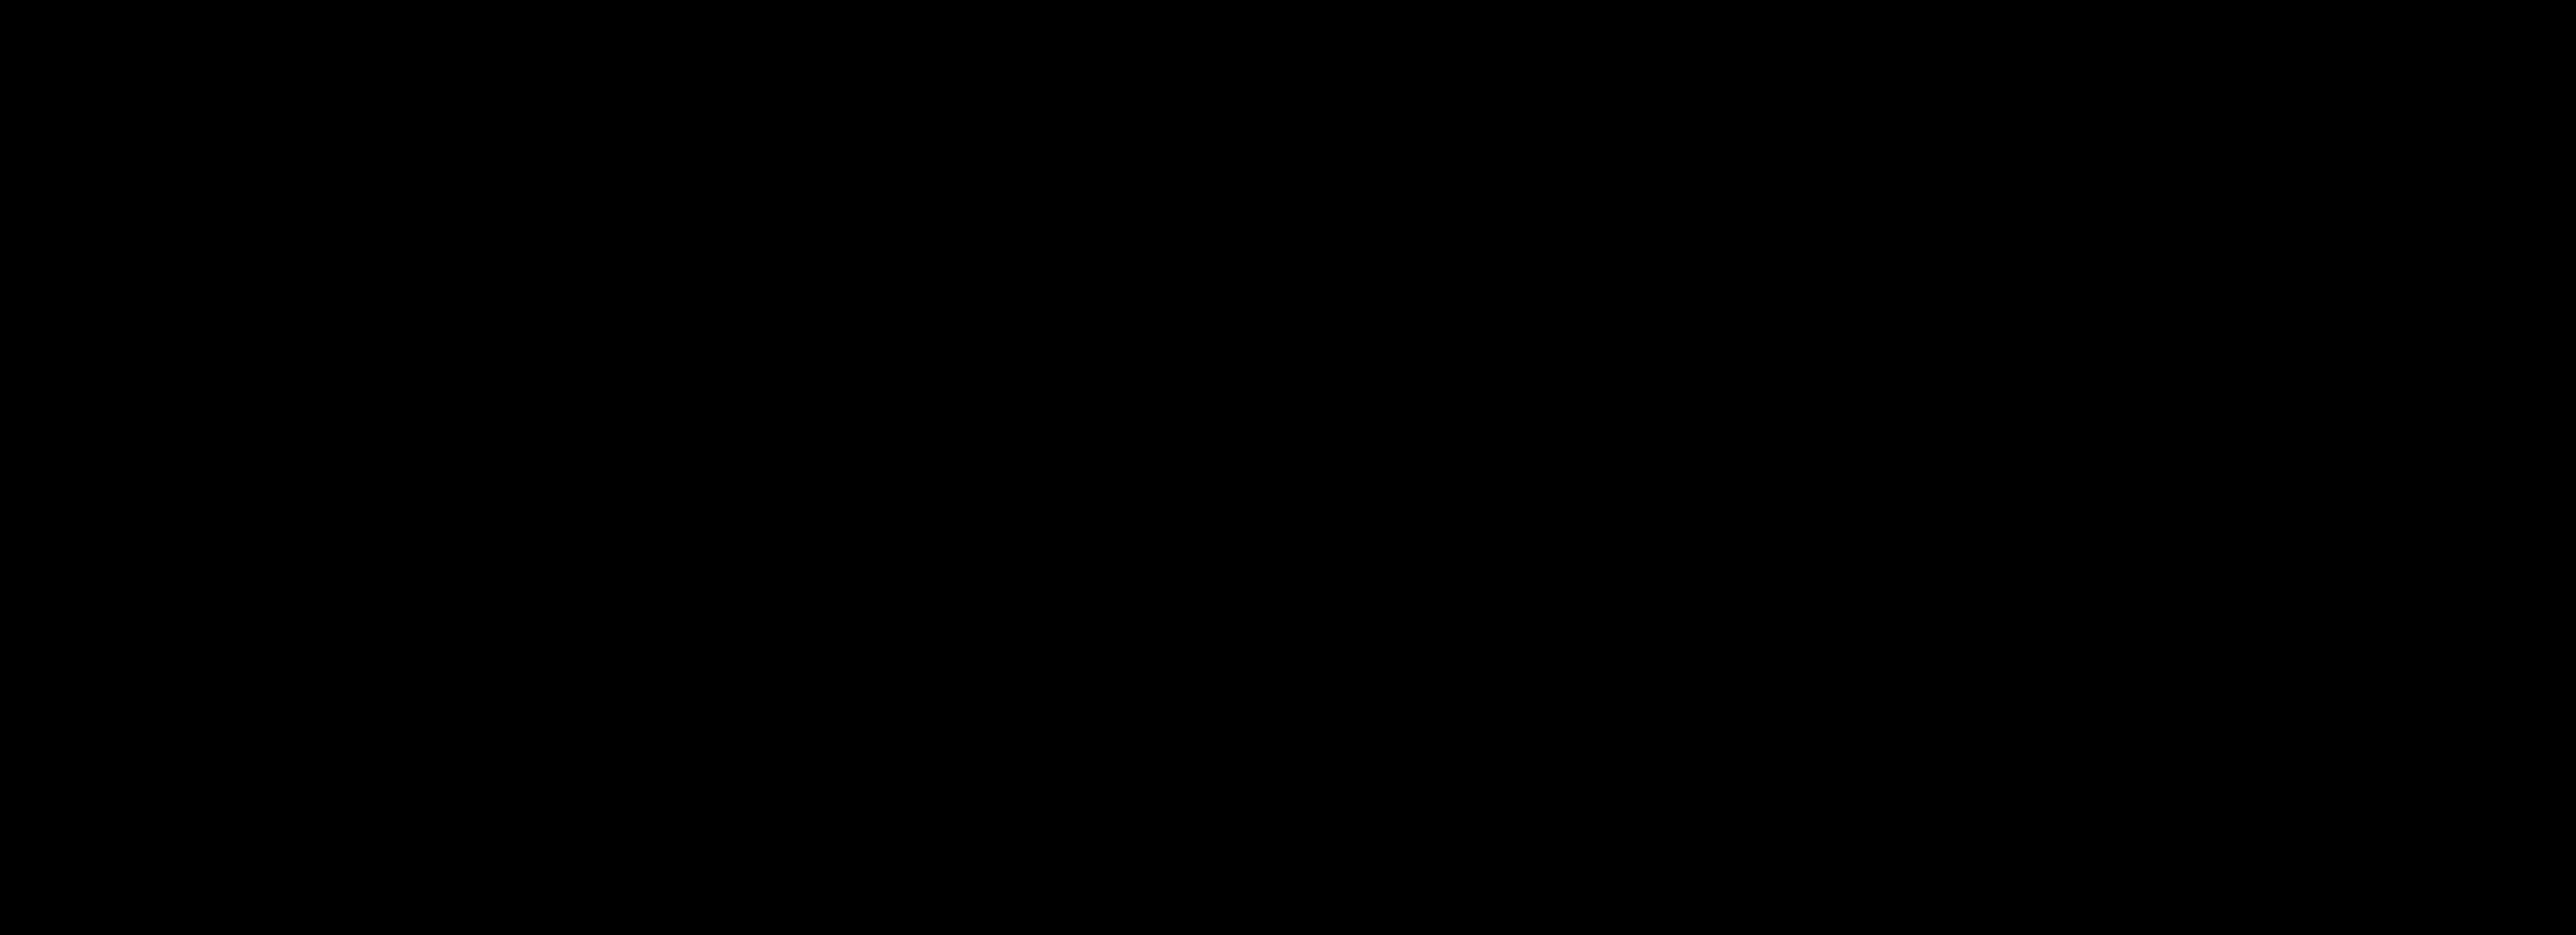 Falcão png